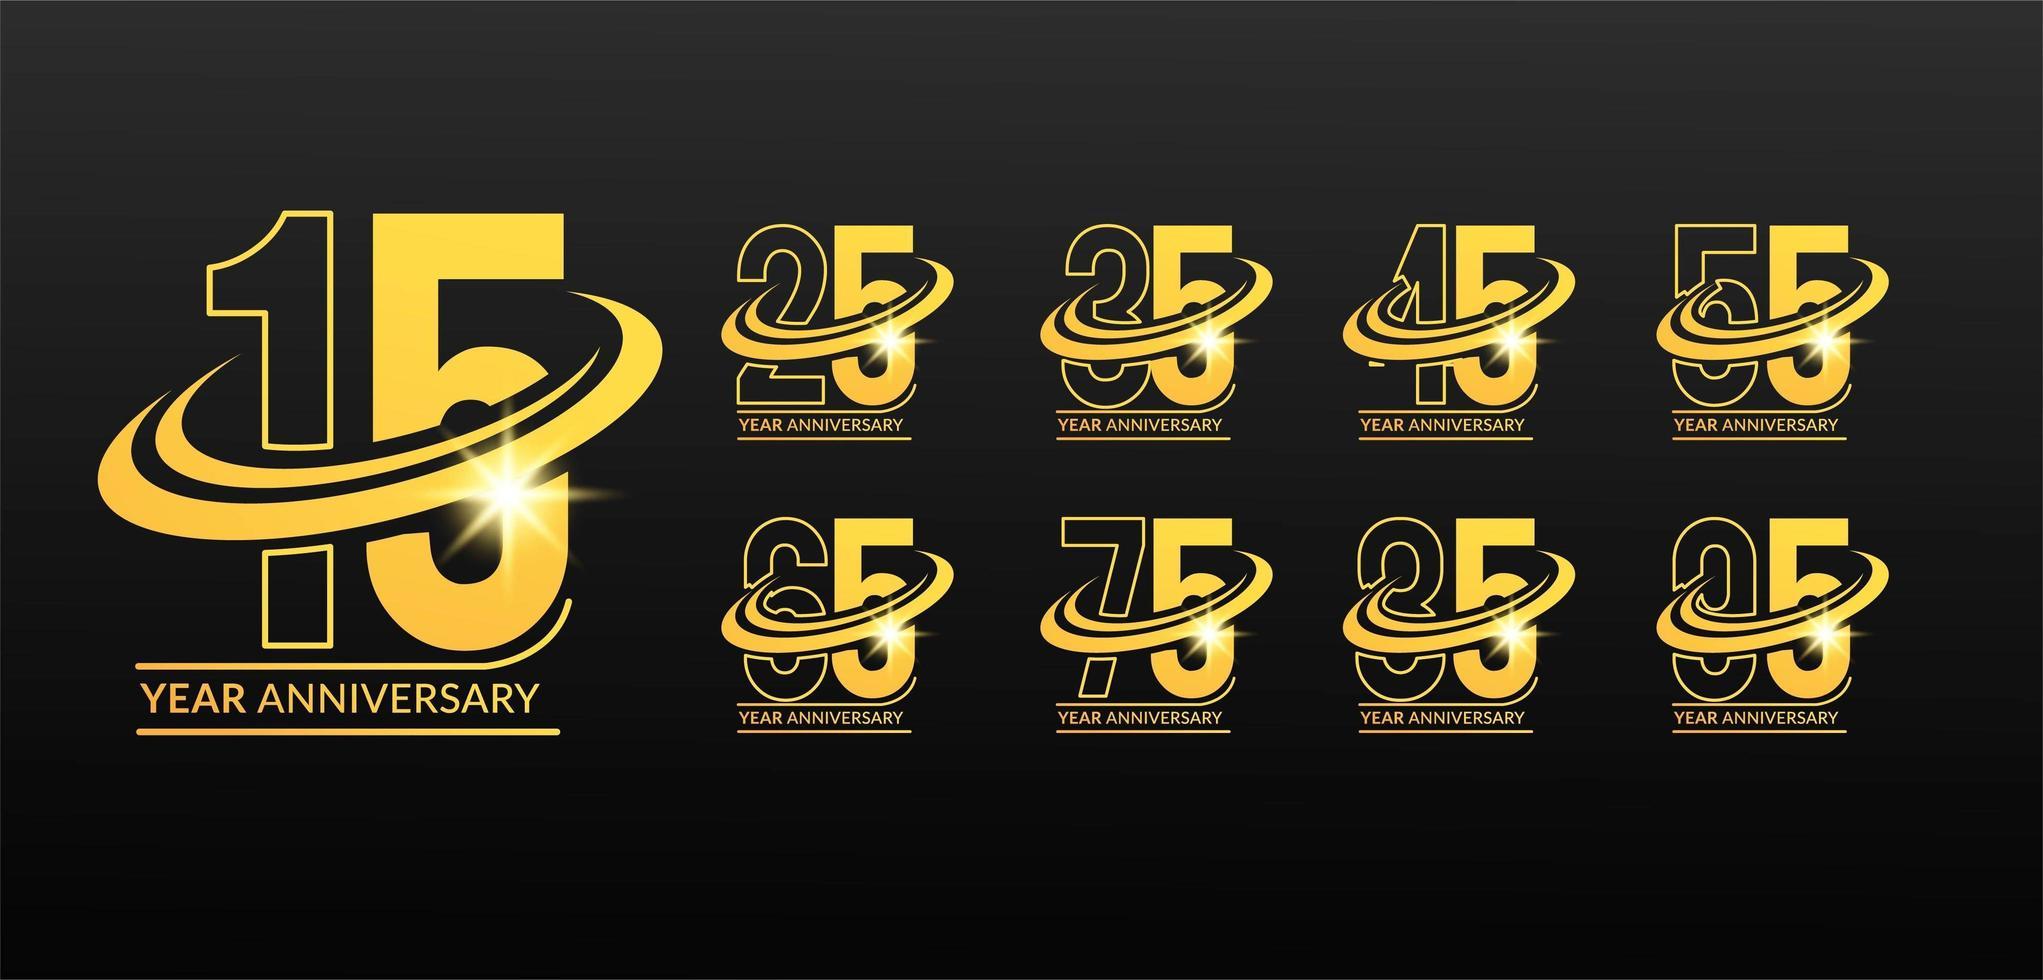 numéros d'anniversaire en or dynamiques avec symbole swoosh vecteur